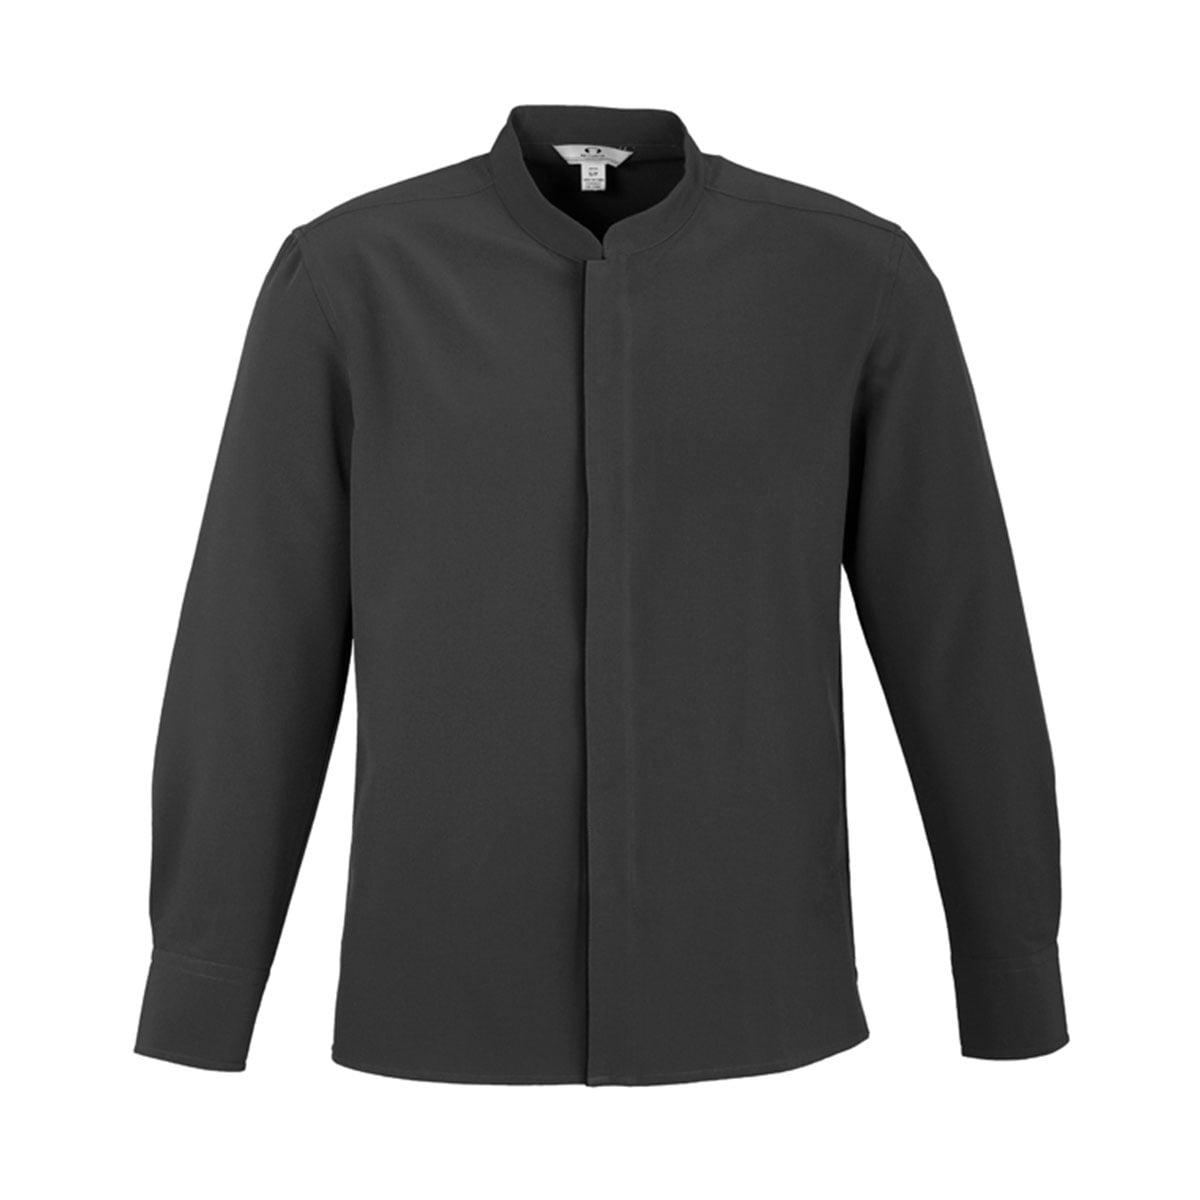 Mens Quay Long Sleeve Shirt-Charcoal / Black